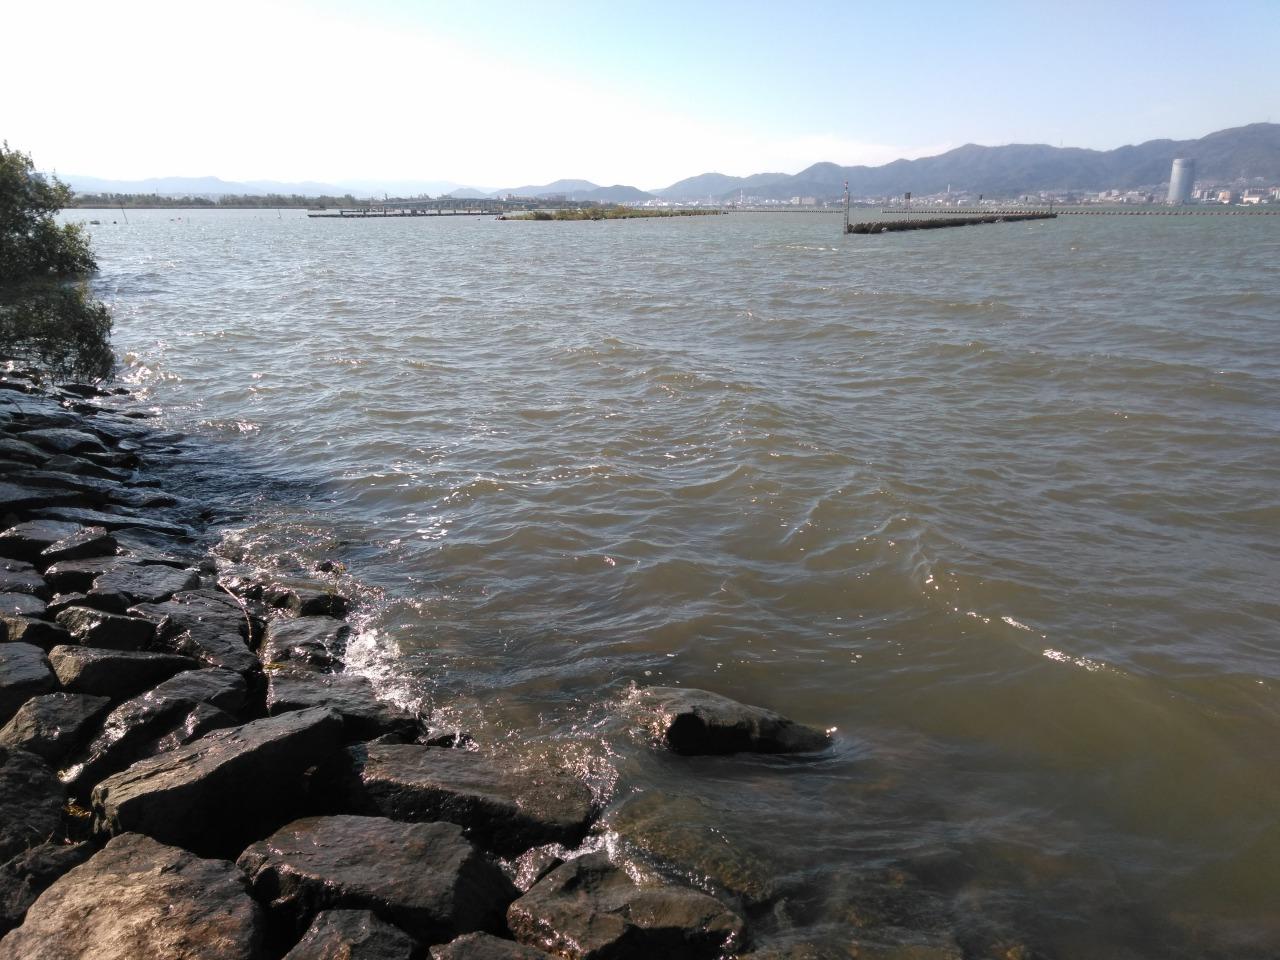 強風ふきすさぶ琵琶湖の北山田エリア